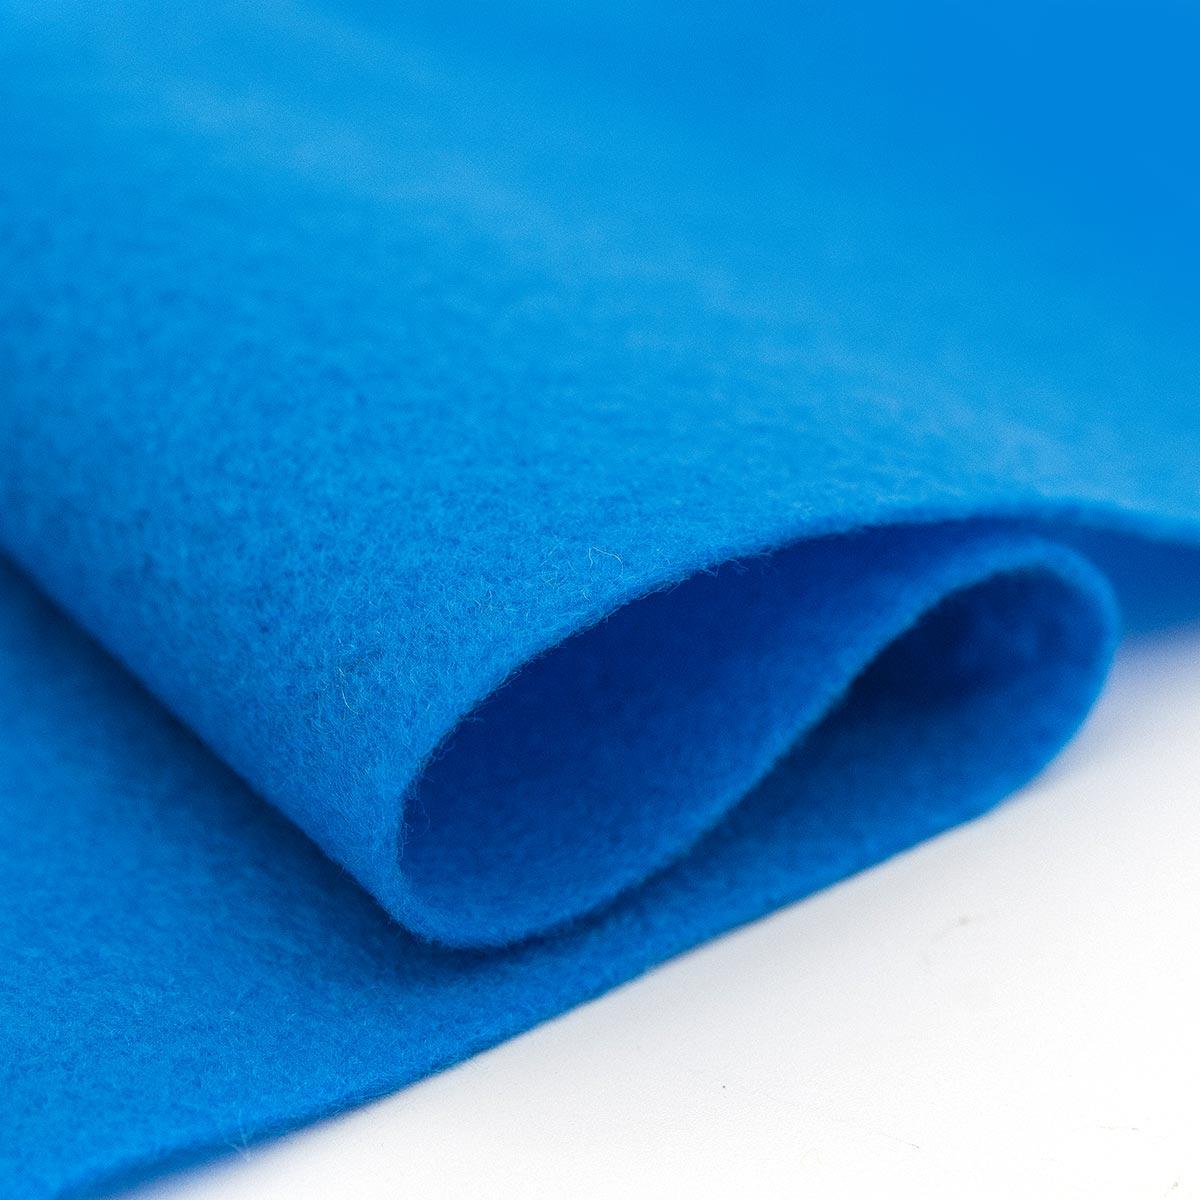 61212642 Фетр для творчества, голубой, 2мм, 20x30см, уп./1шт. Glorex